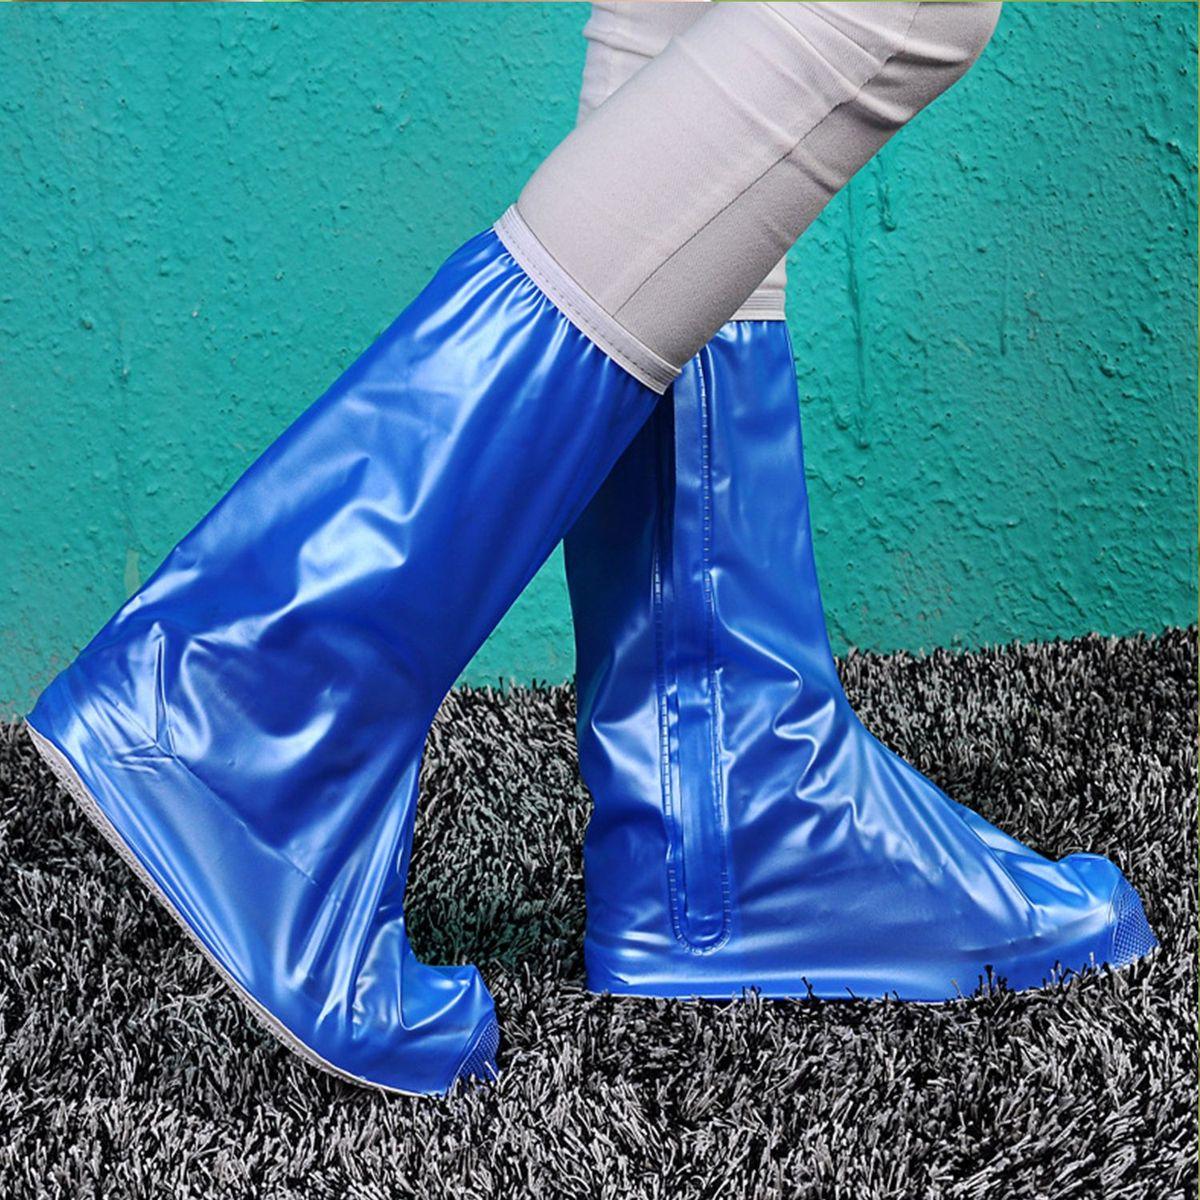 Дождевик для сапог Homsu, цвет: голубой. Размер L (39/41)R-132Дожевики для сапог выполнены из прочного водонепроницаемого материала, застегиваются на молнию. Благодаря этим дождевикам ваша обувь будет сухой и чистой в любую погоду! Размер изделия: 27,5х13см